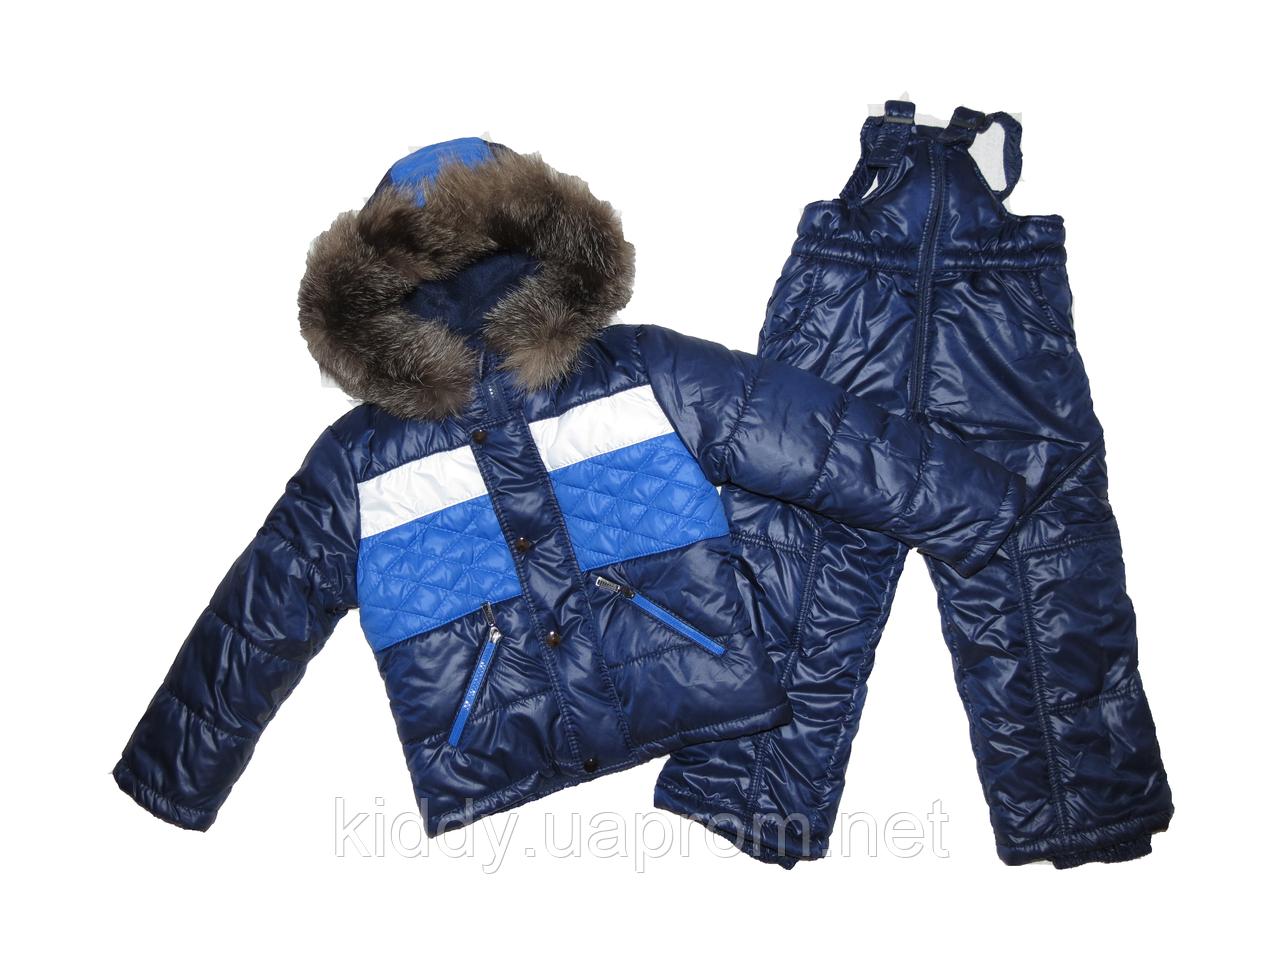 Шикарный зимний термо- комбинезон Перфект - Детские зимние комбинезоны и детская одежда от производителя в Киеве